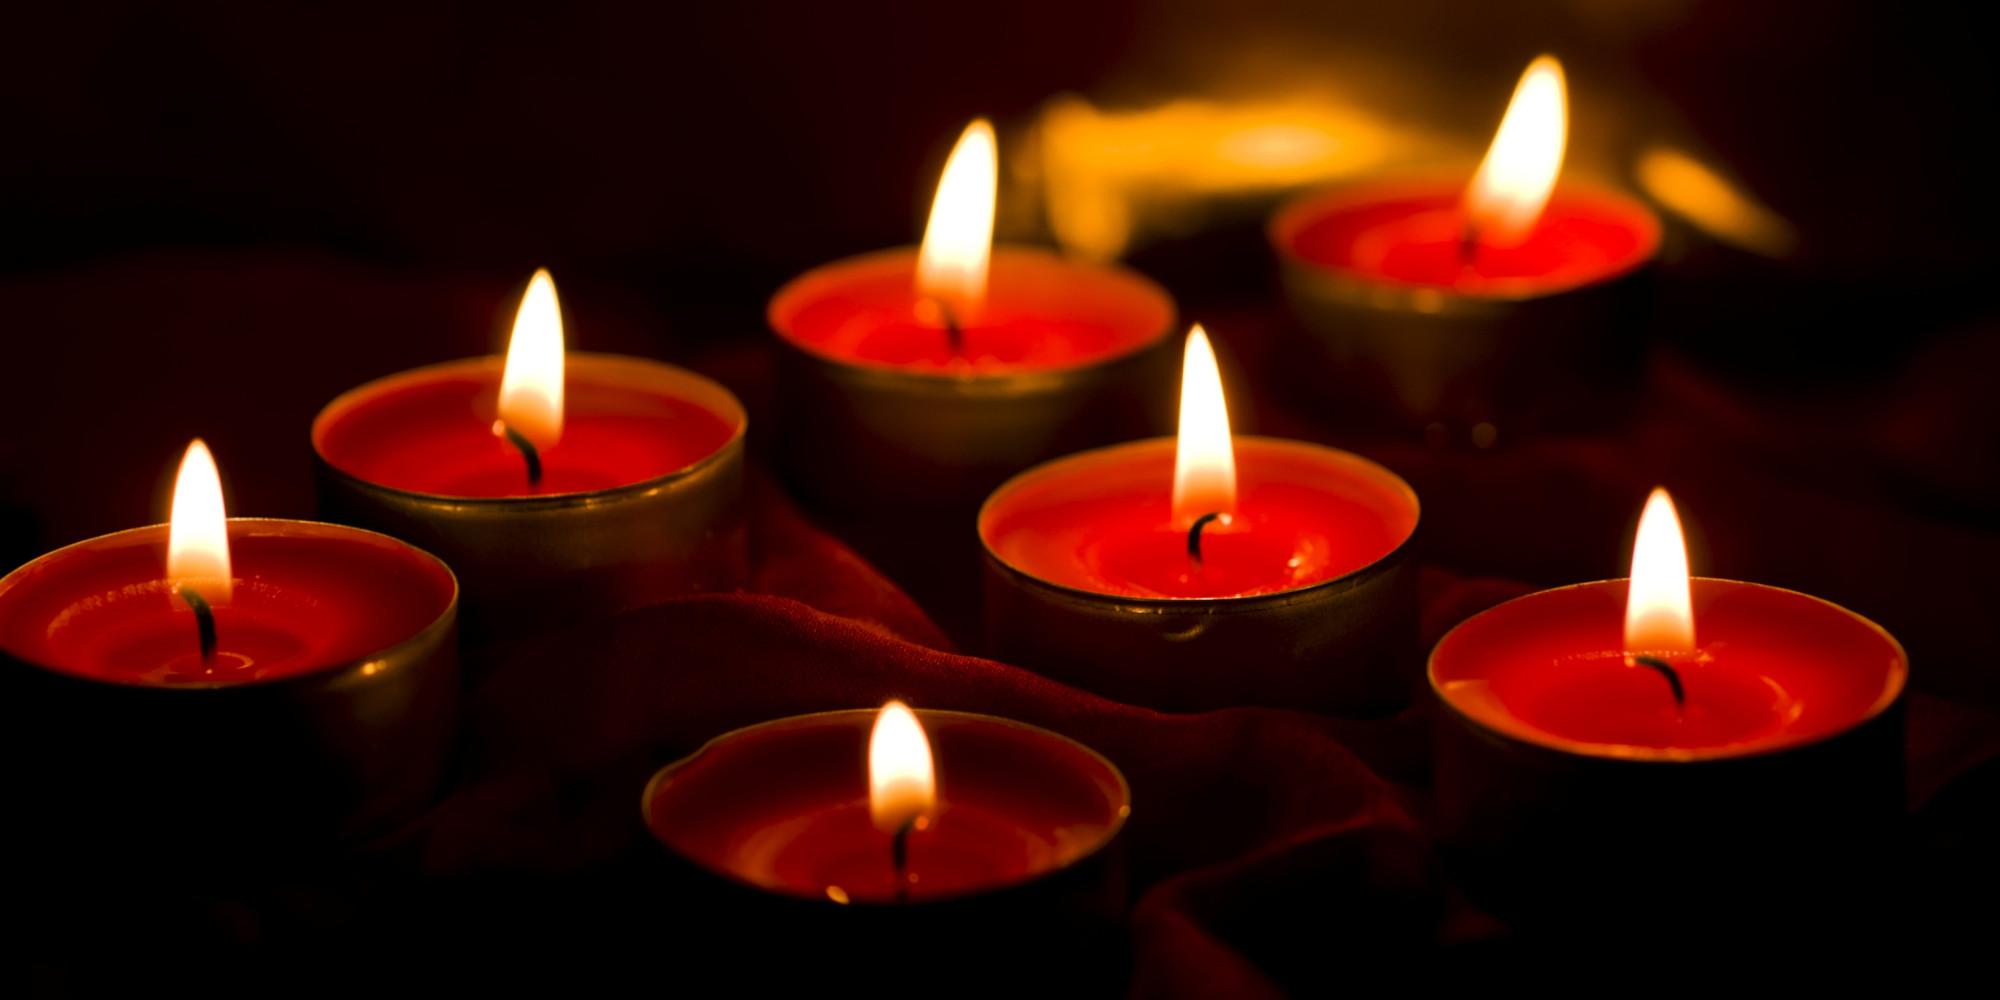 Resultado de imagem para candles tumblr